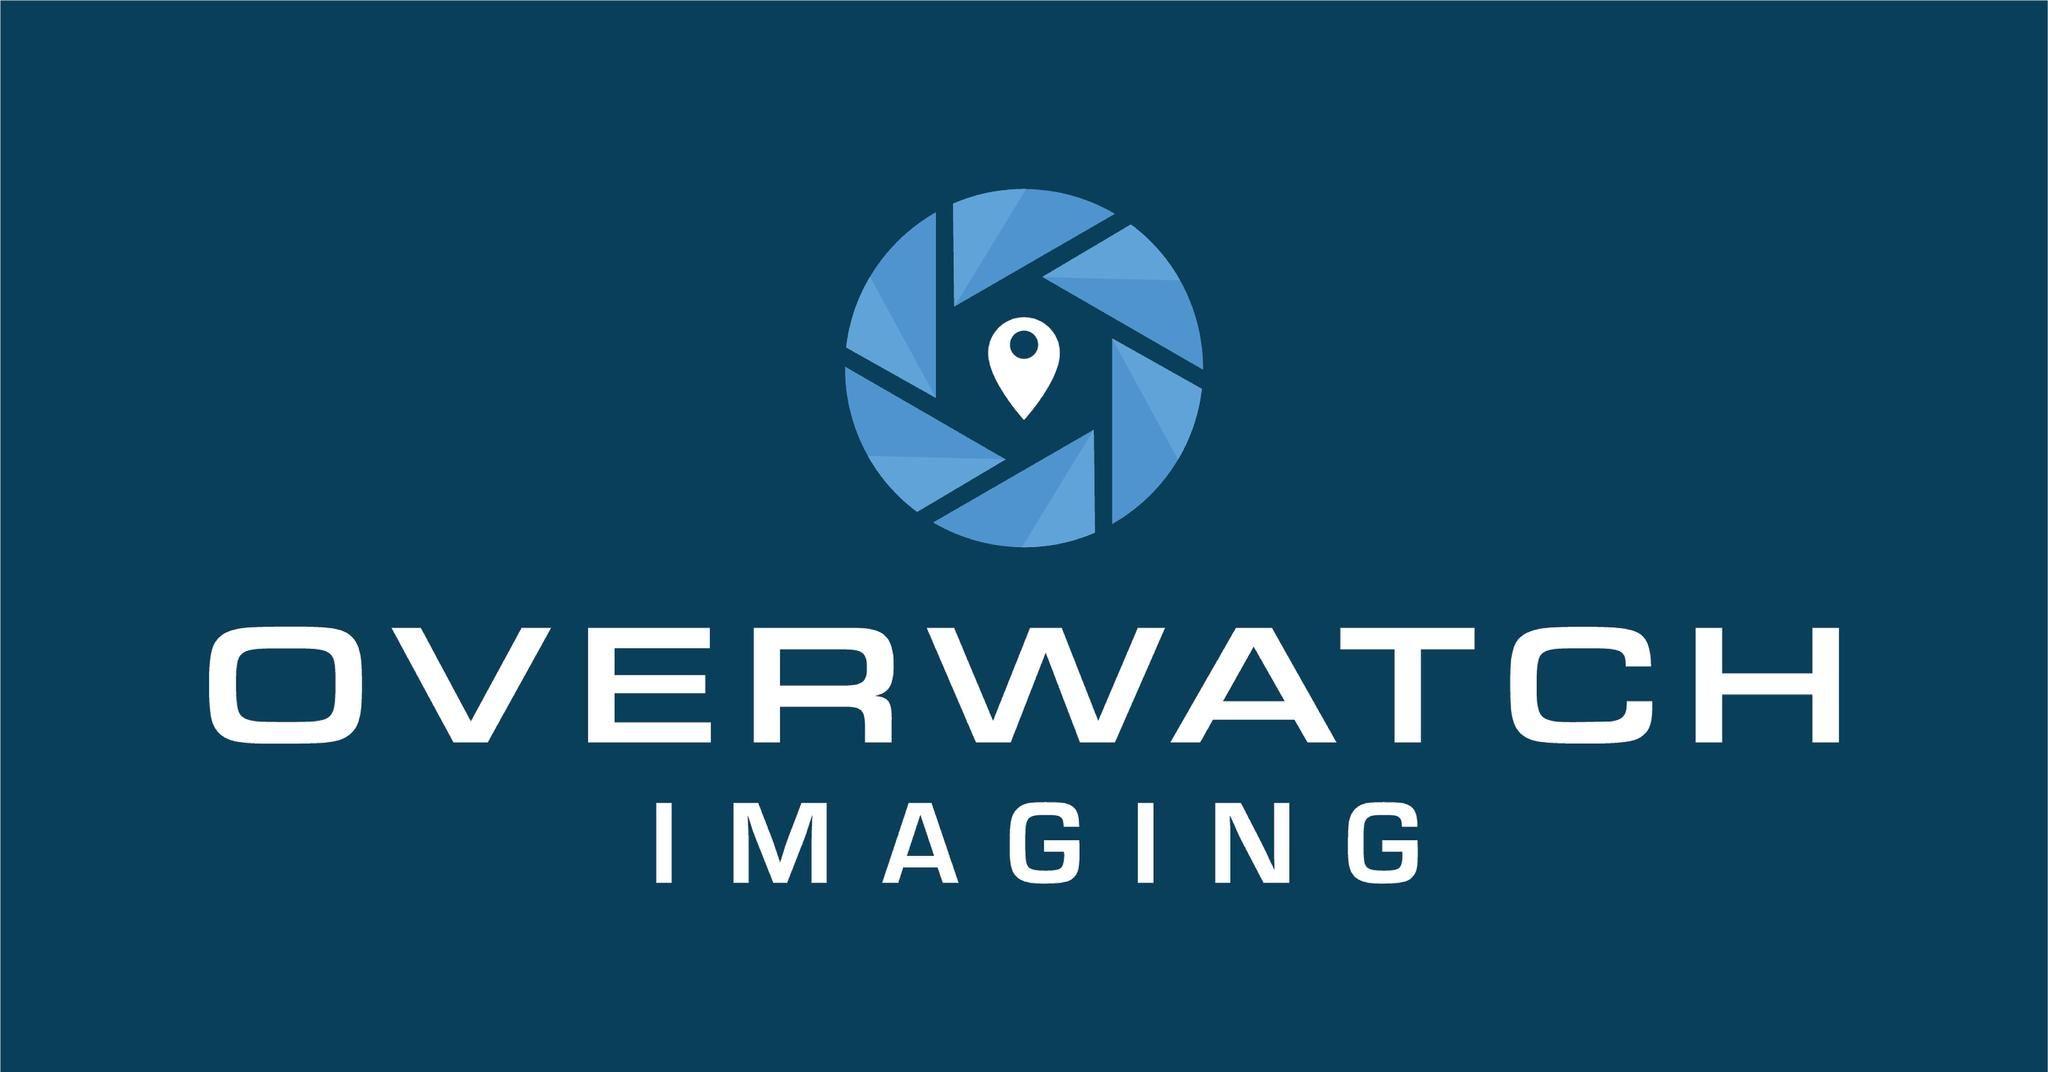 Overwatch Imaging